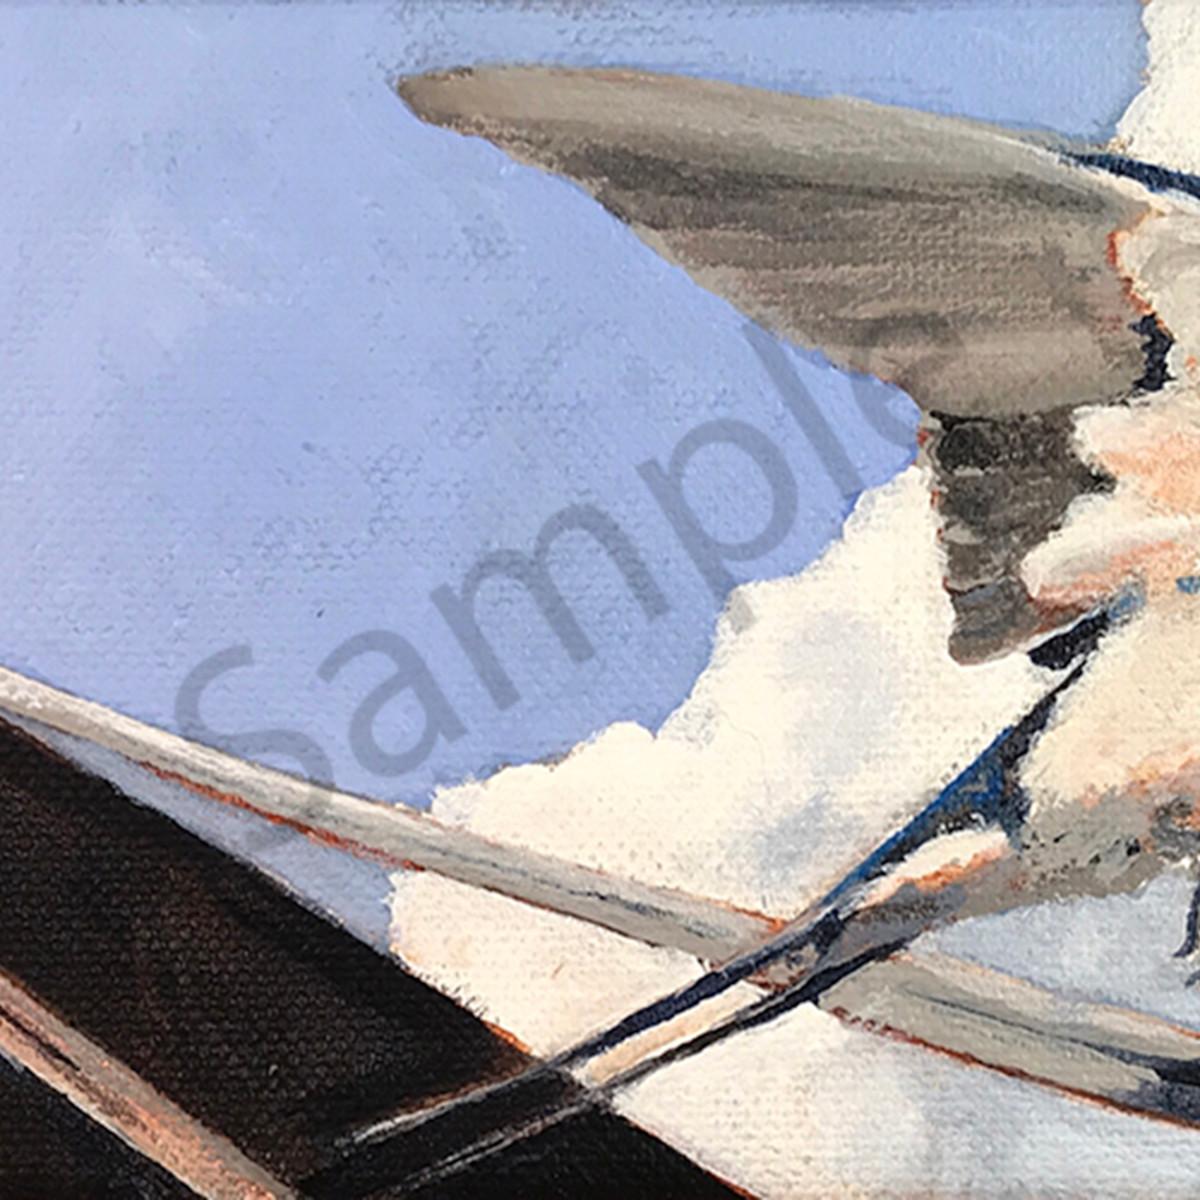 Asf  barn swallow j0iun8